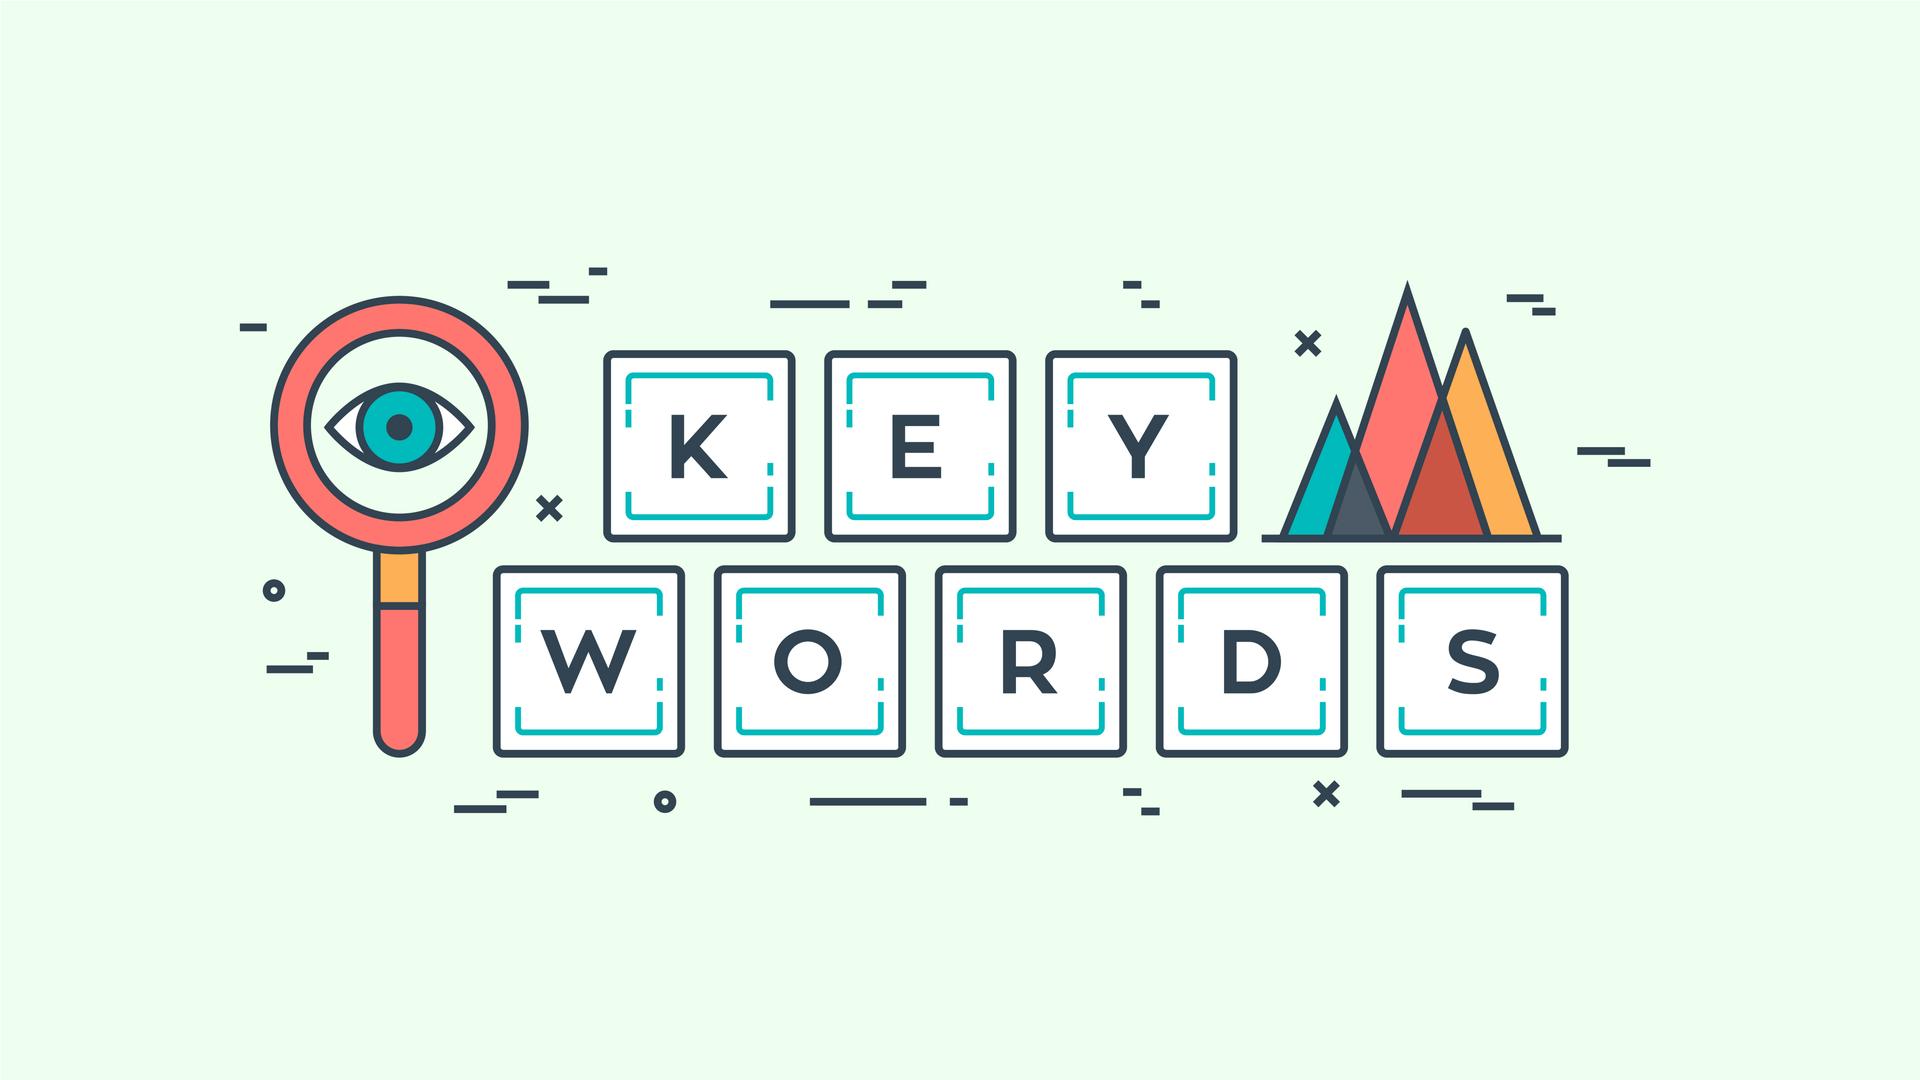 Cara Sederhana Menemukan Kata Kunci Artikel